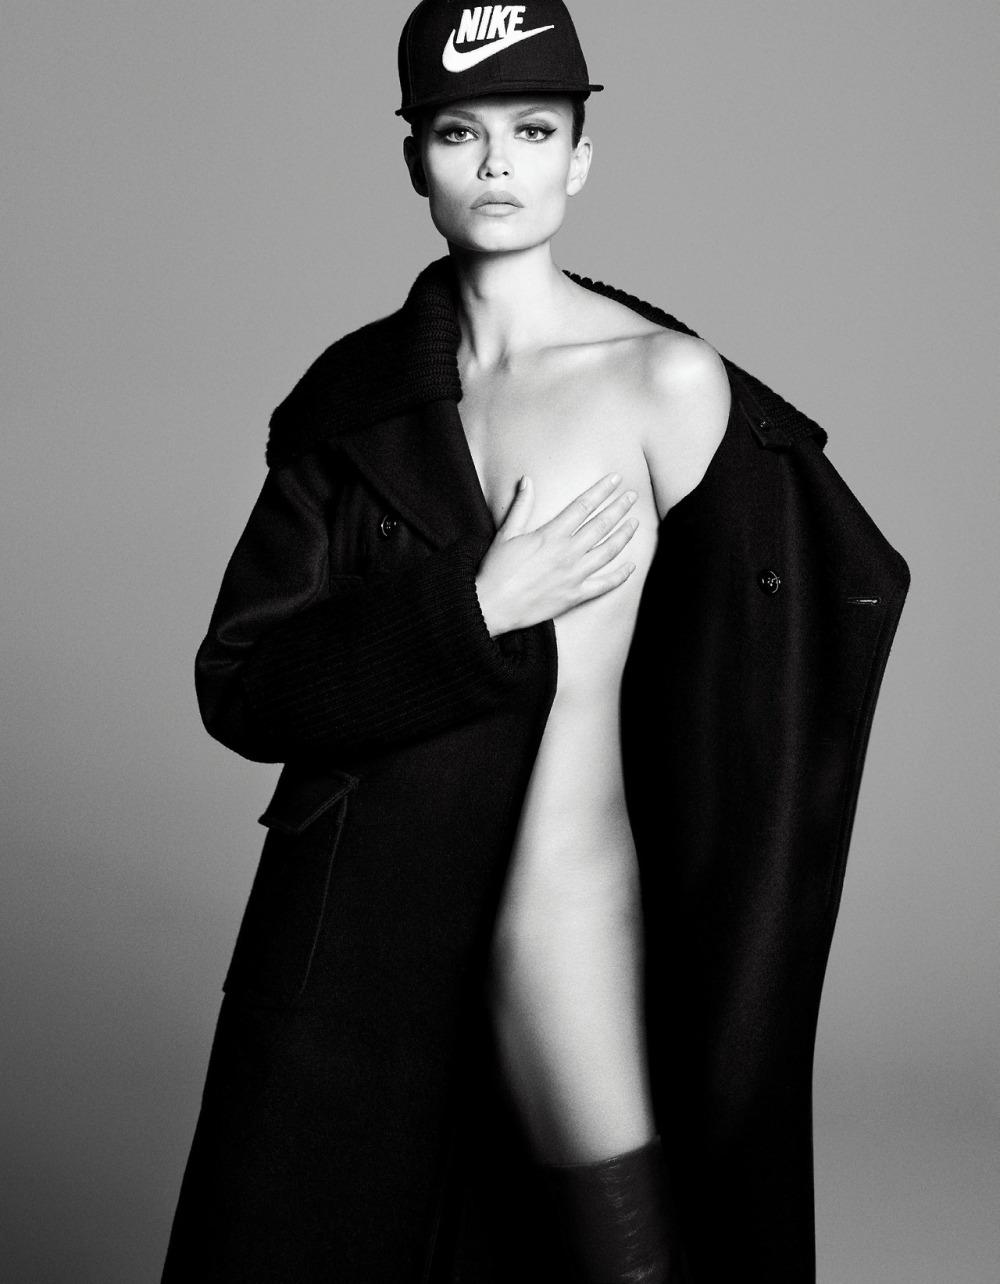 时尚摄影师组合Luigi & Iango的Vogue杂志日本版2017年9月刊时尚摄影